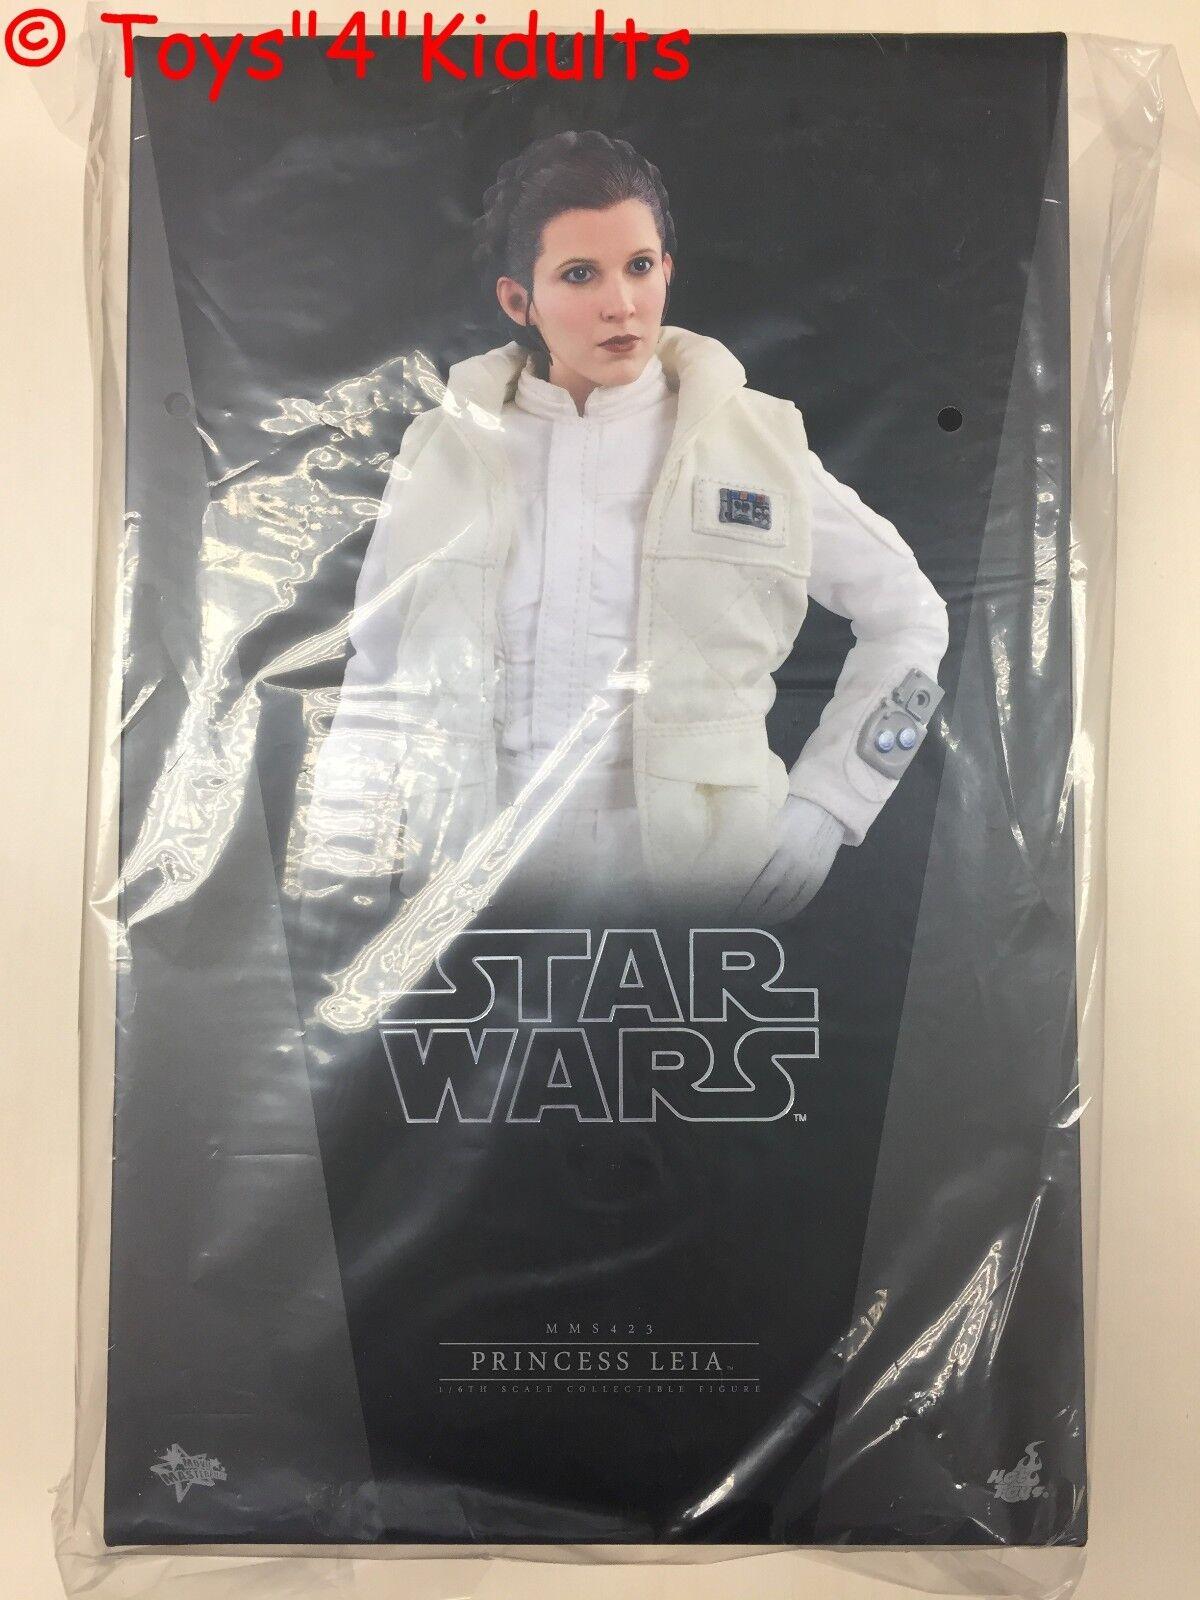 marca Hot Toys MMS 423 Star Wars Wars Wars Imperio Contraataca La Princesa Leia Carrie Fisher Nuevo  solo cómpralo